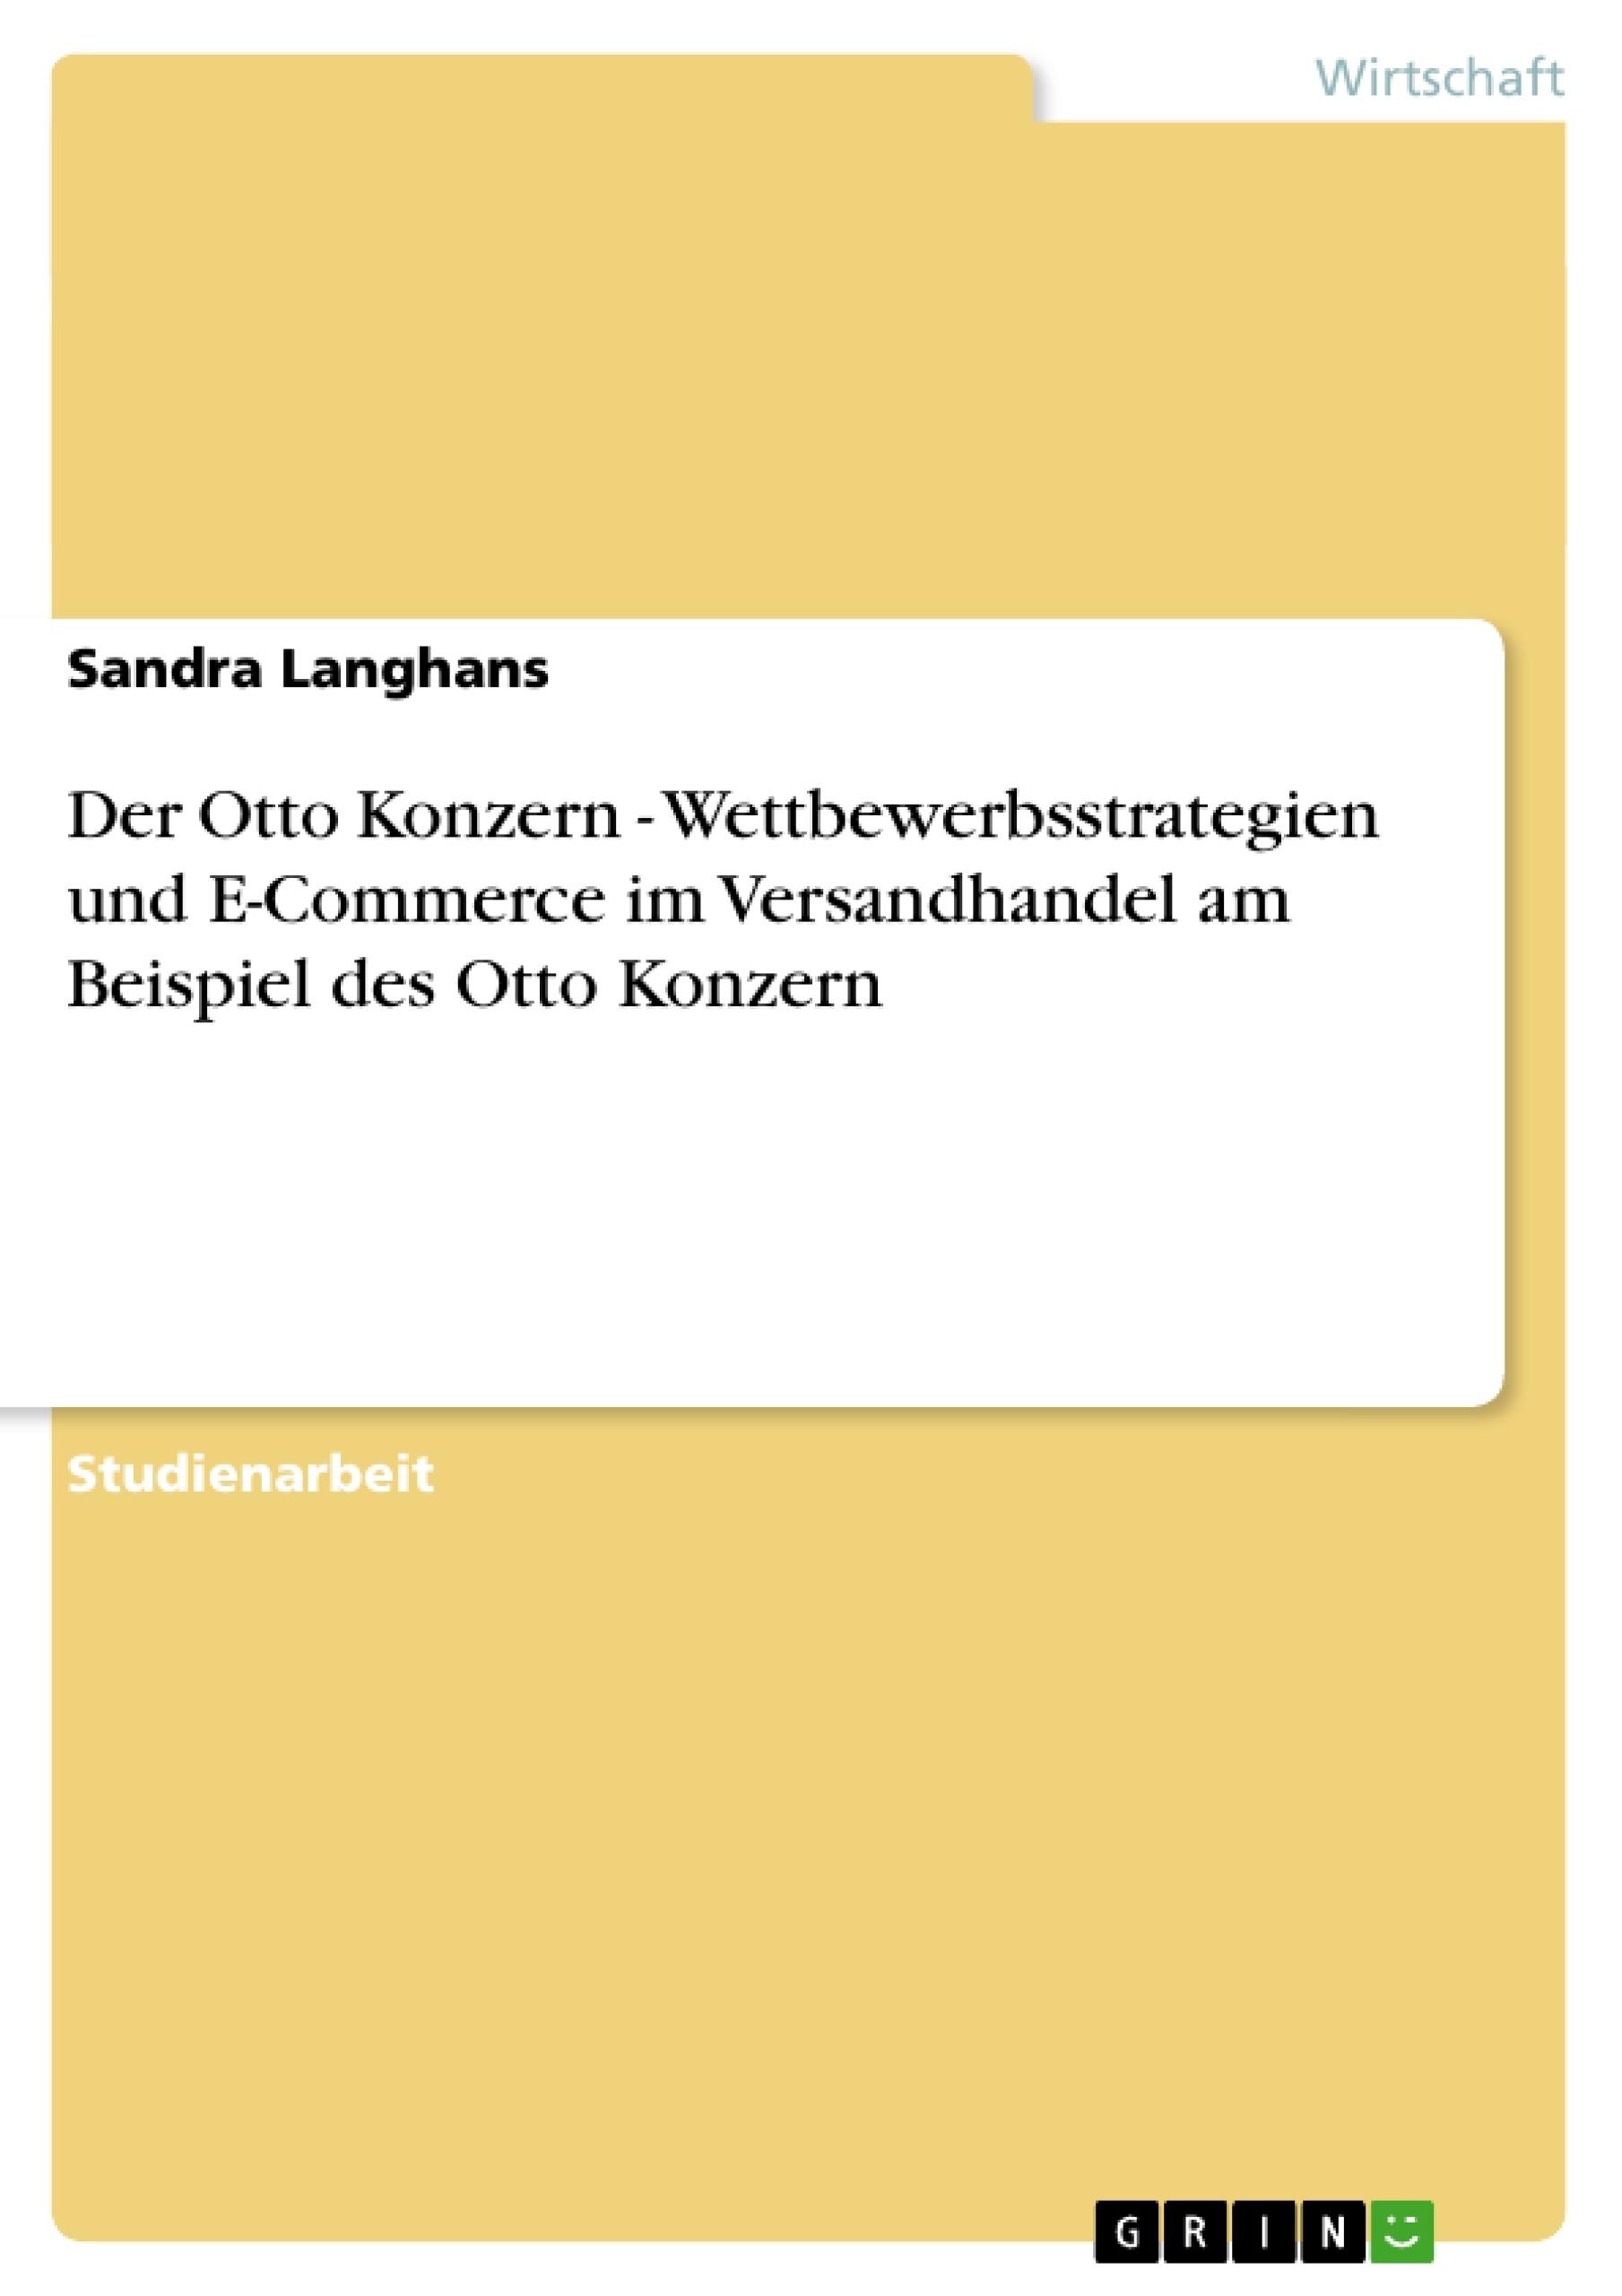 Titel: Der Otto Konzern - Wettbewerbsstrategien und E-Commerce im Versandhandel am Beispiel des Otto Konzern